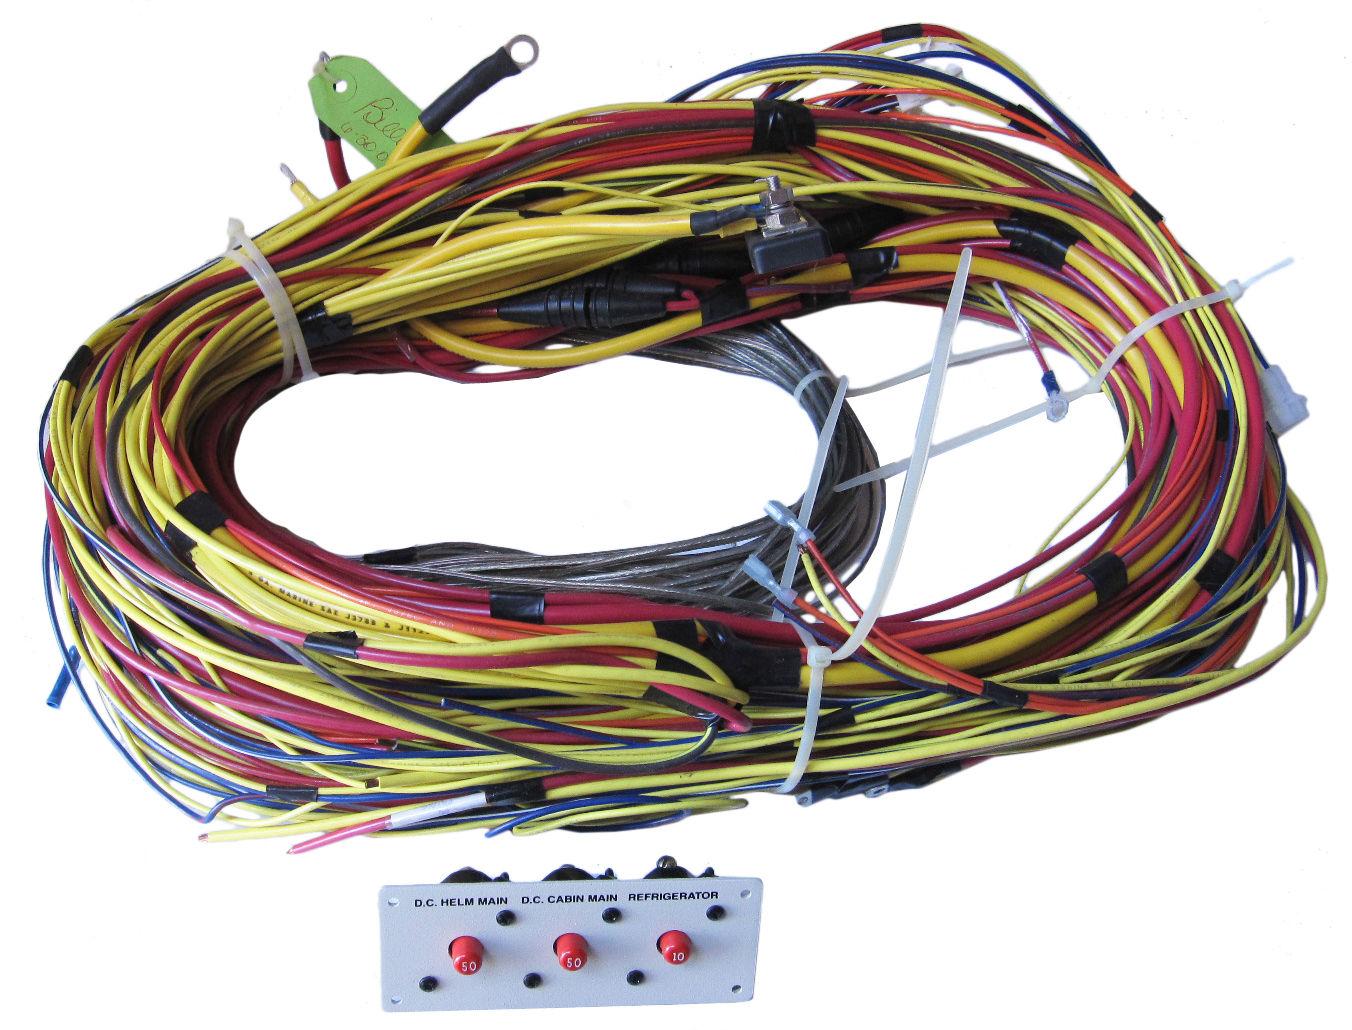 Glastron Boat Wire Center 1979 Wiring Diagram Harness Enthusiast Diagrams U2022 Rh Rasalibre Co 1958 Boats 2017